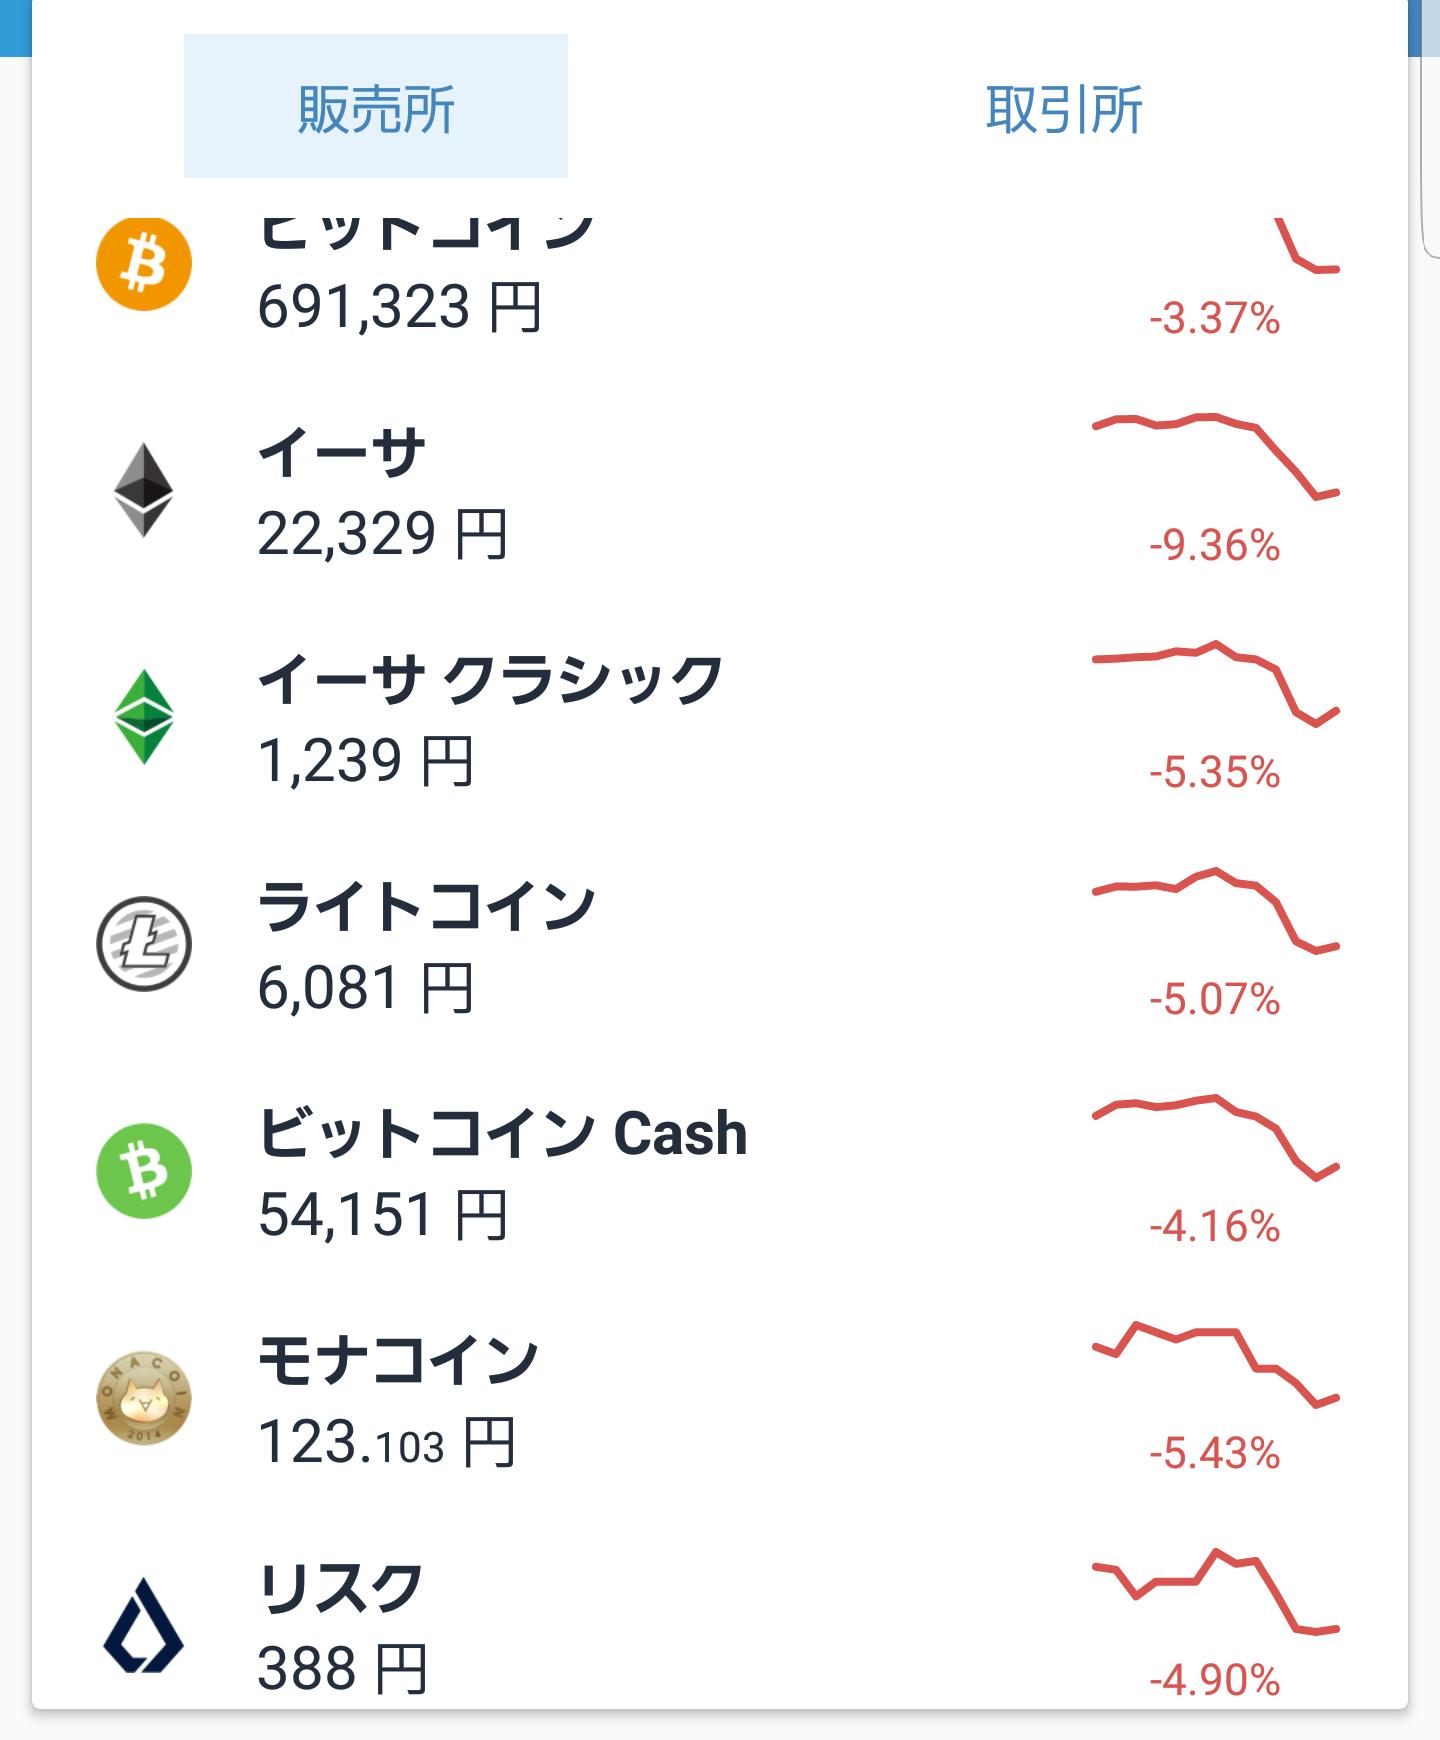 仮想通貨9月9日下落チャート